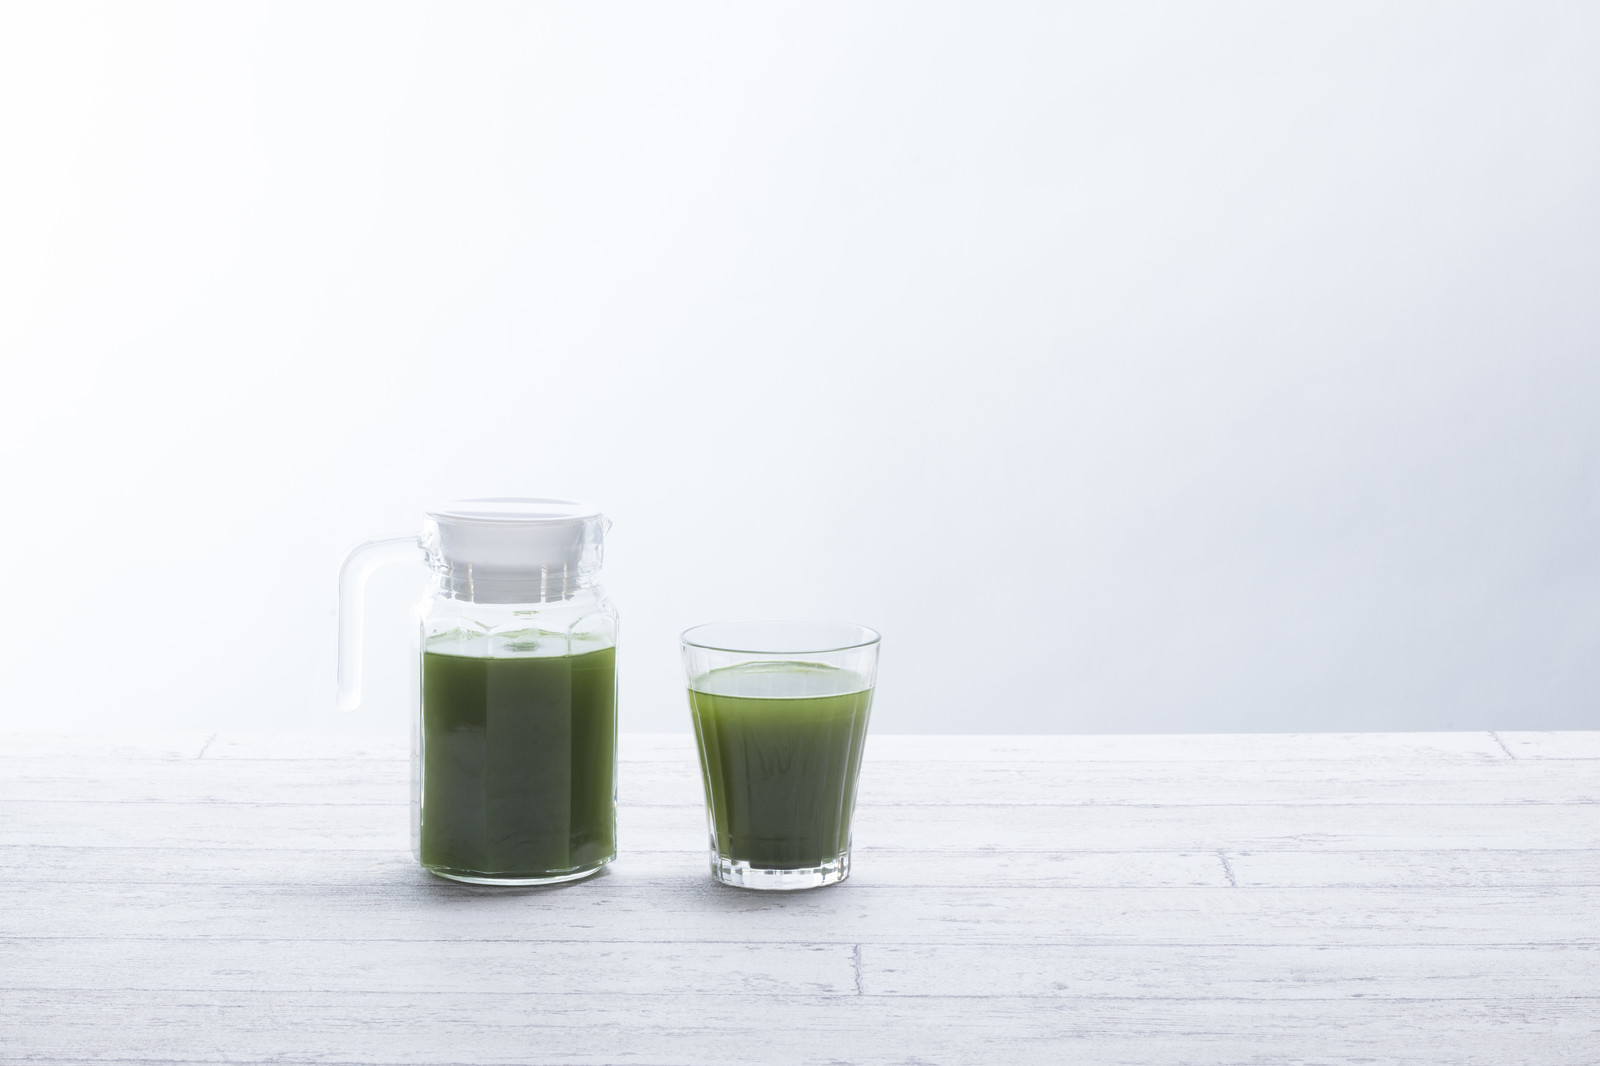 「青汁の入ったポットとグラス青汁の入ったポットとグラス」のフリー写真素材を拡大